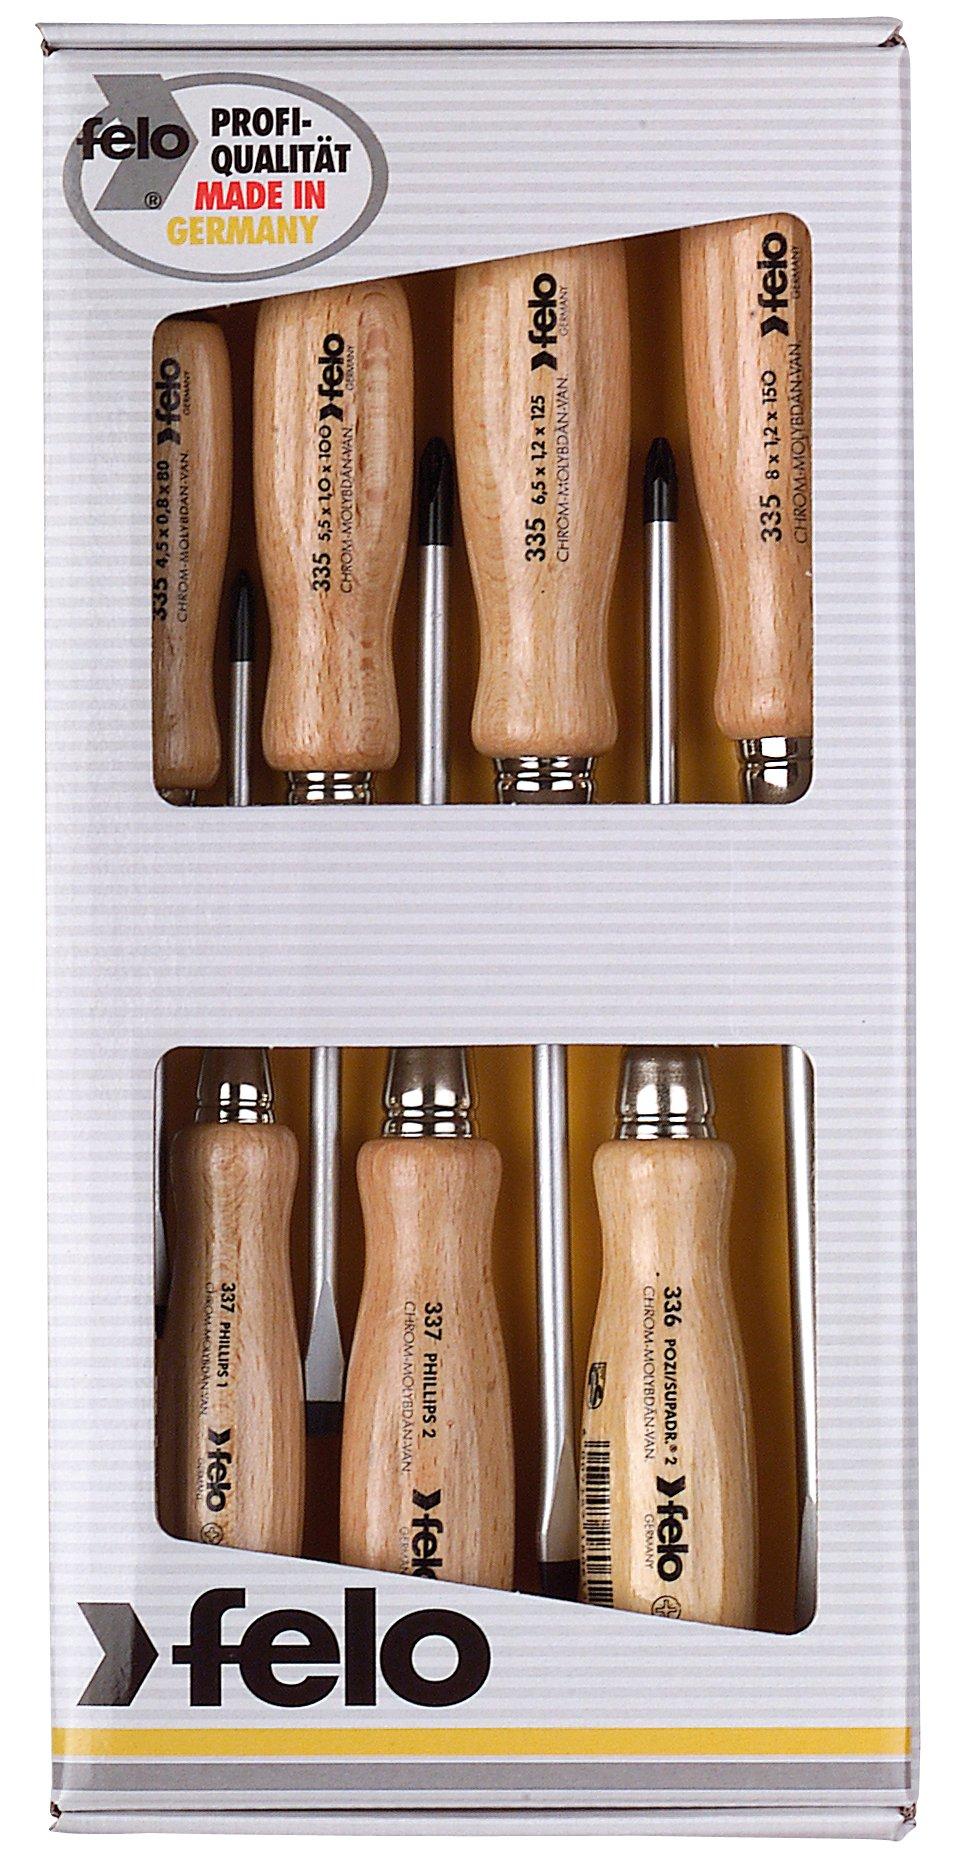 Felo - 7 Destornilladores mango de madera Alemanes